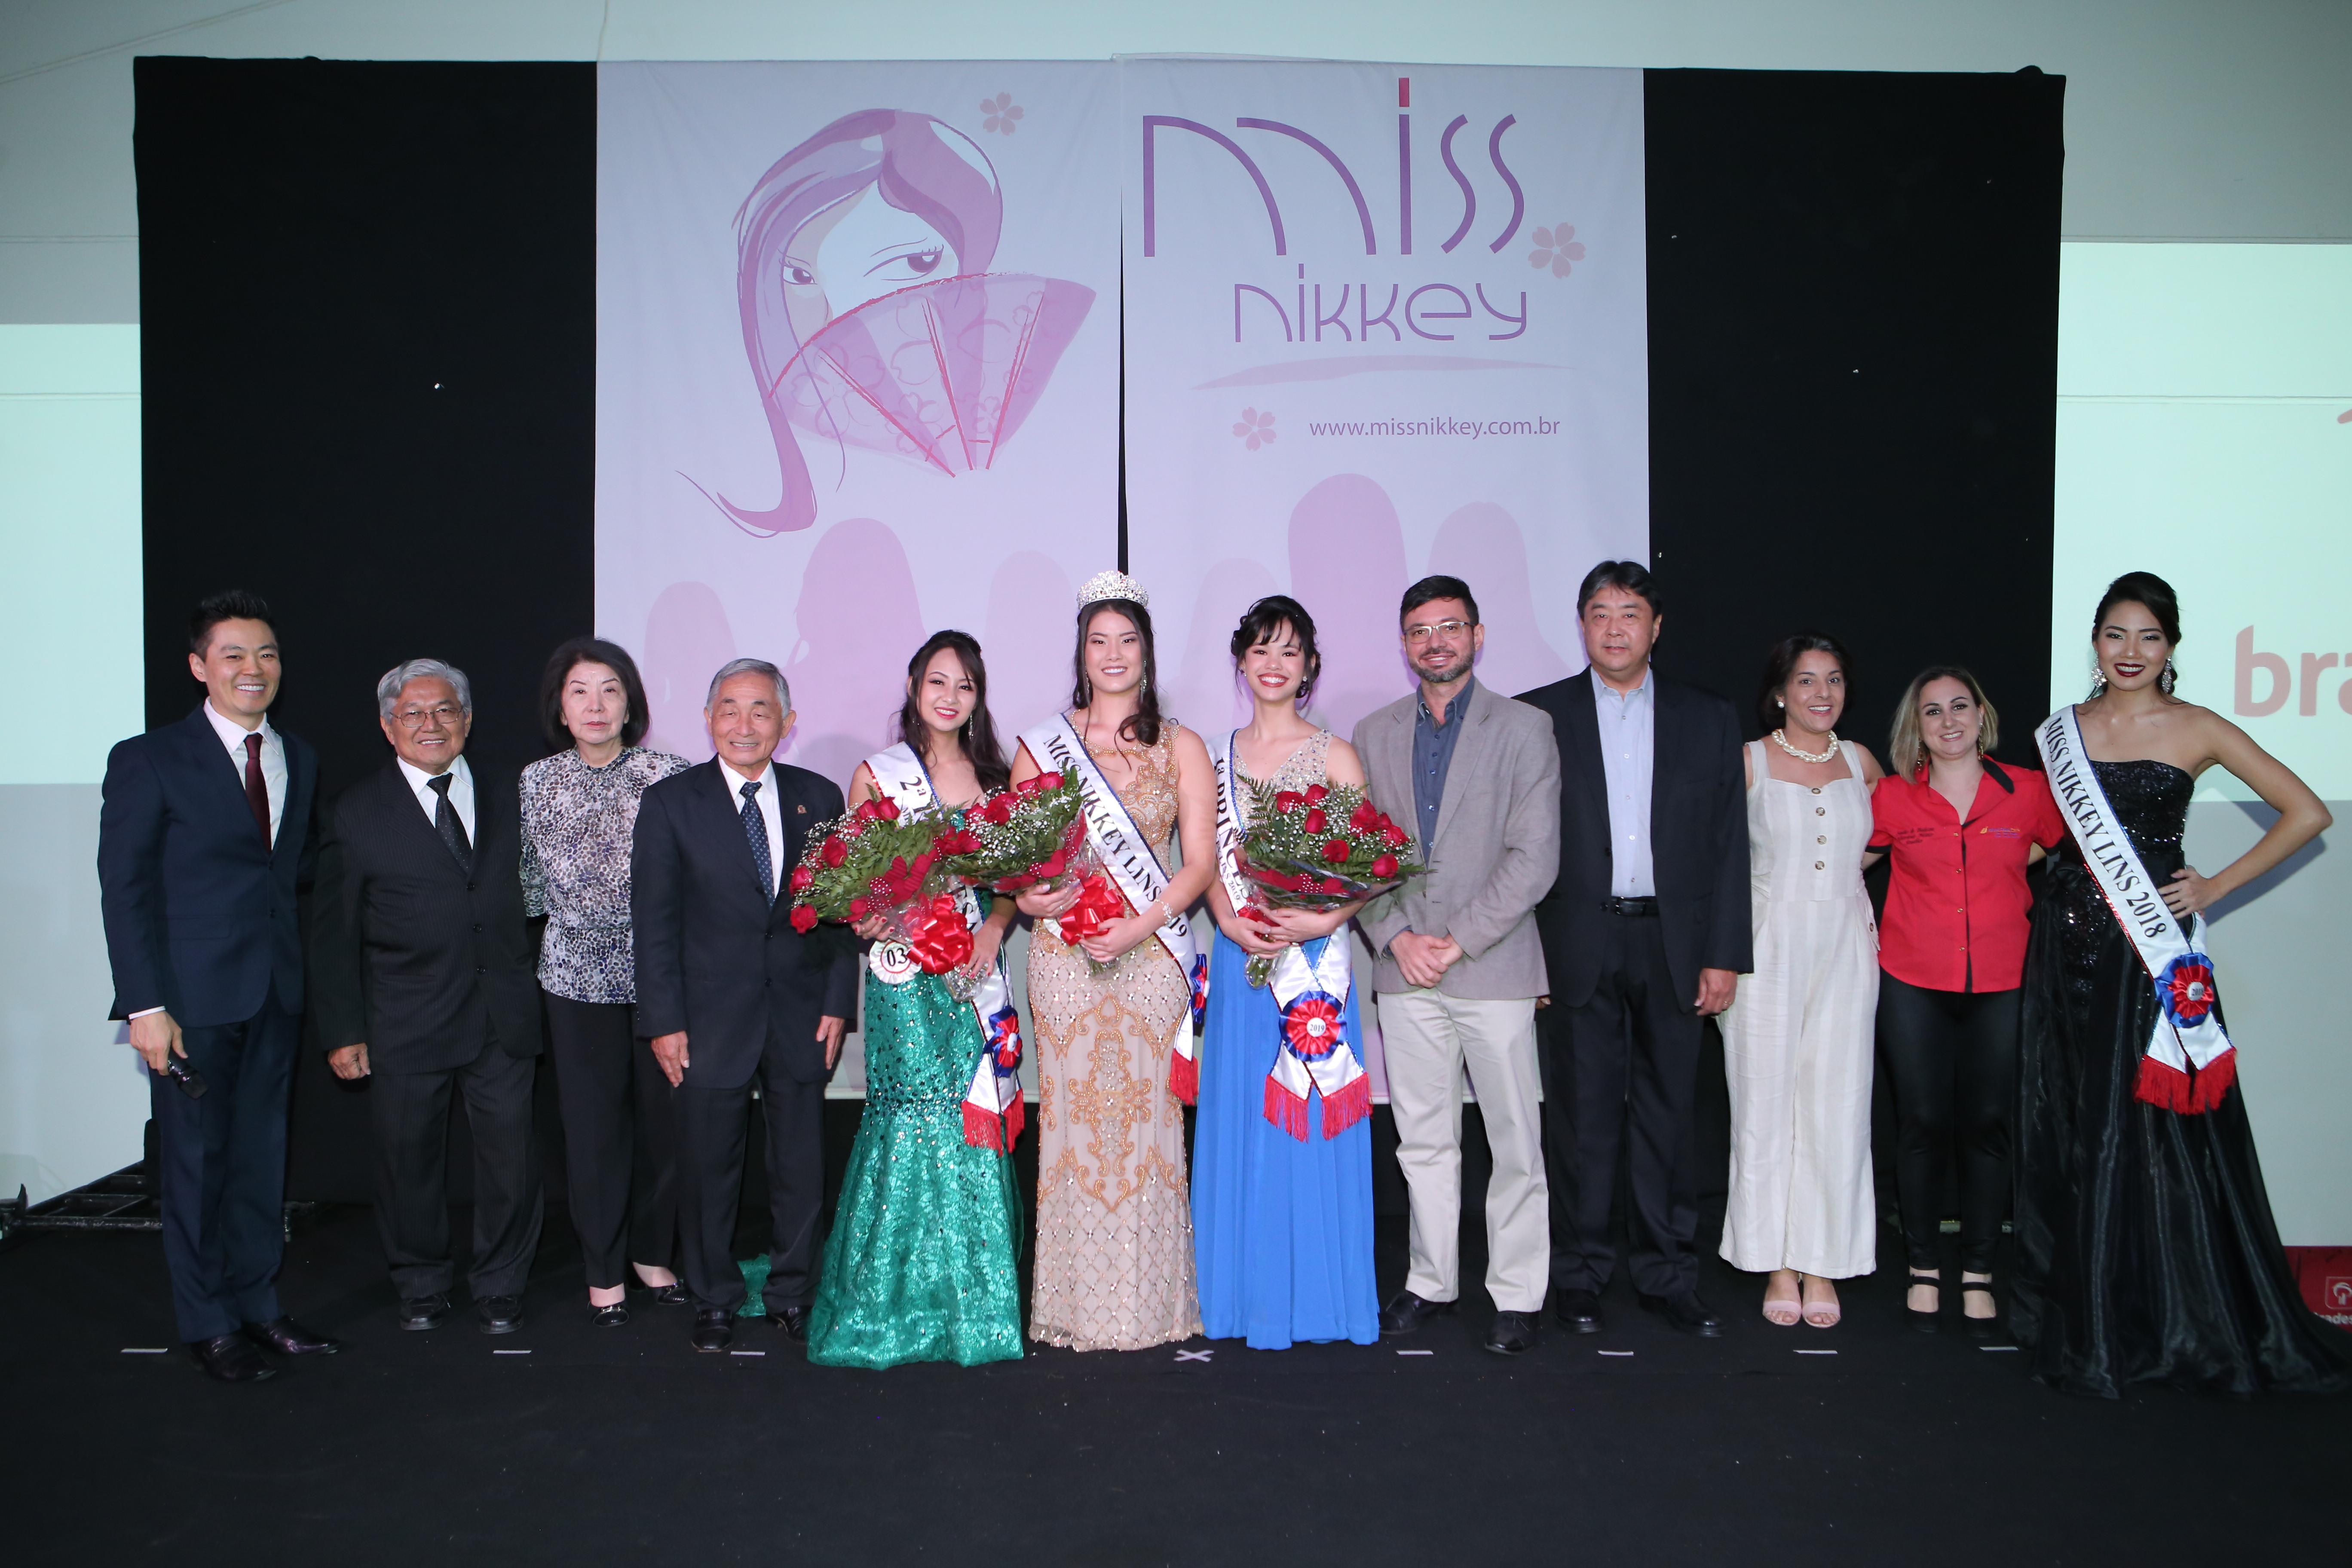 Miss Nikkey Lins e Região 2019